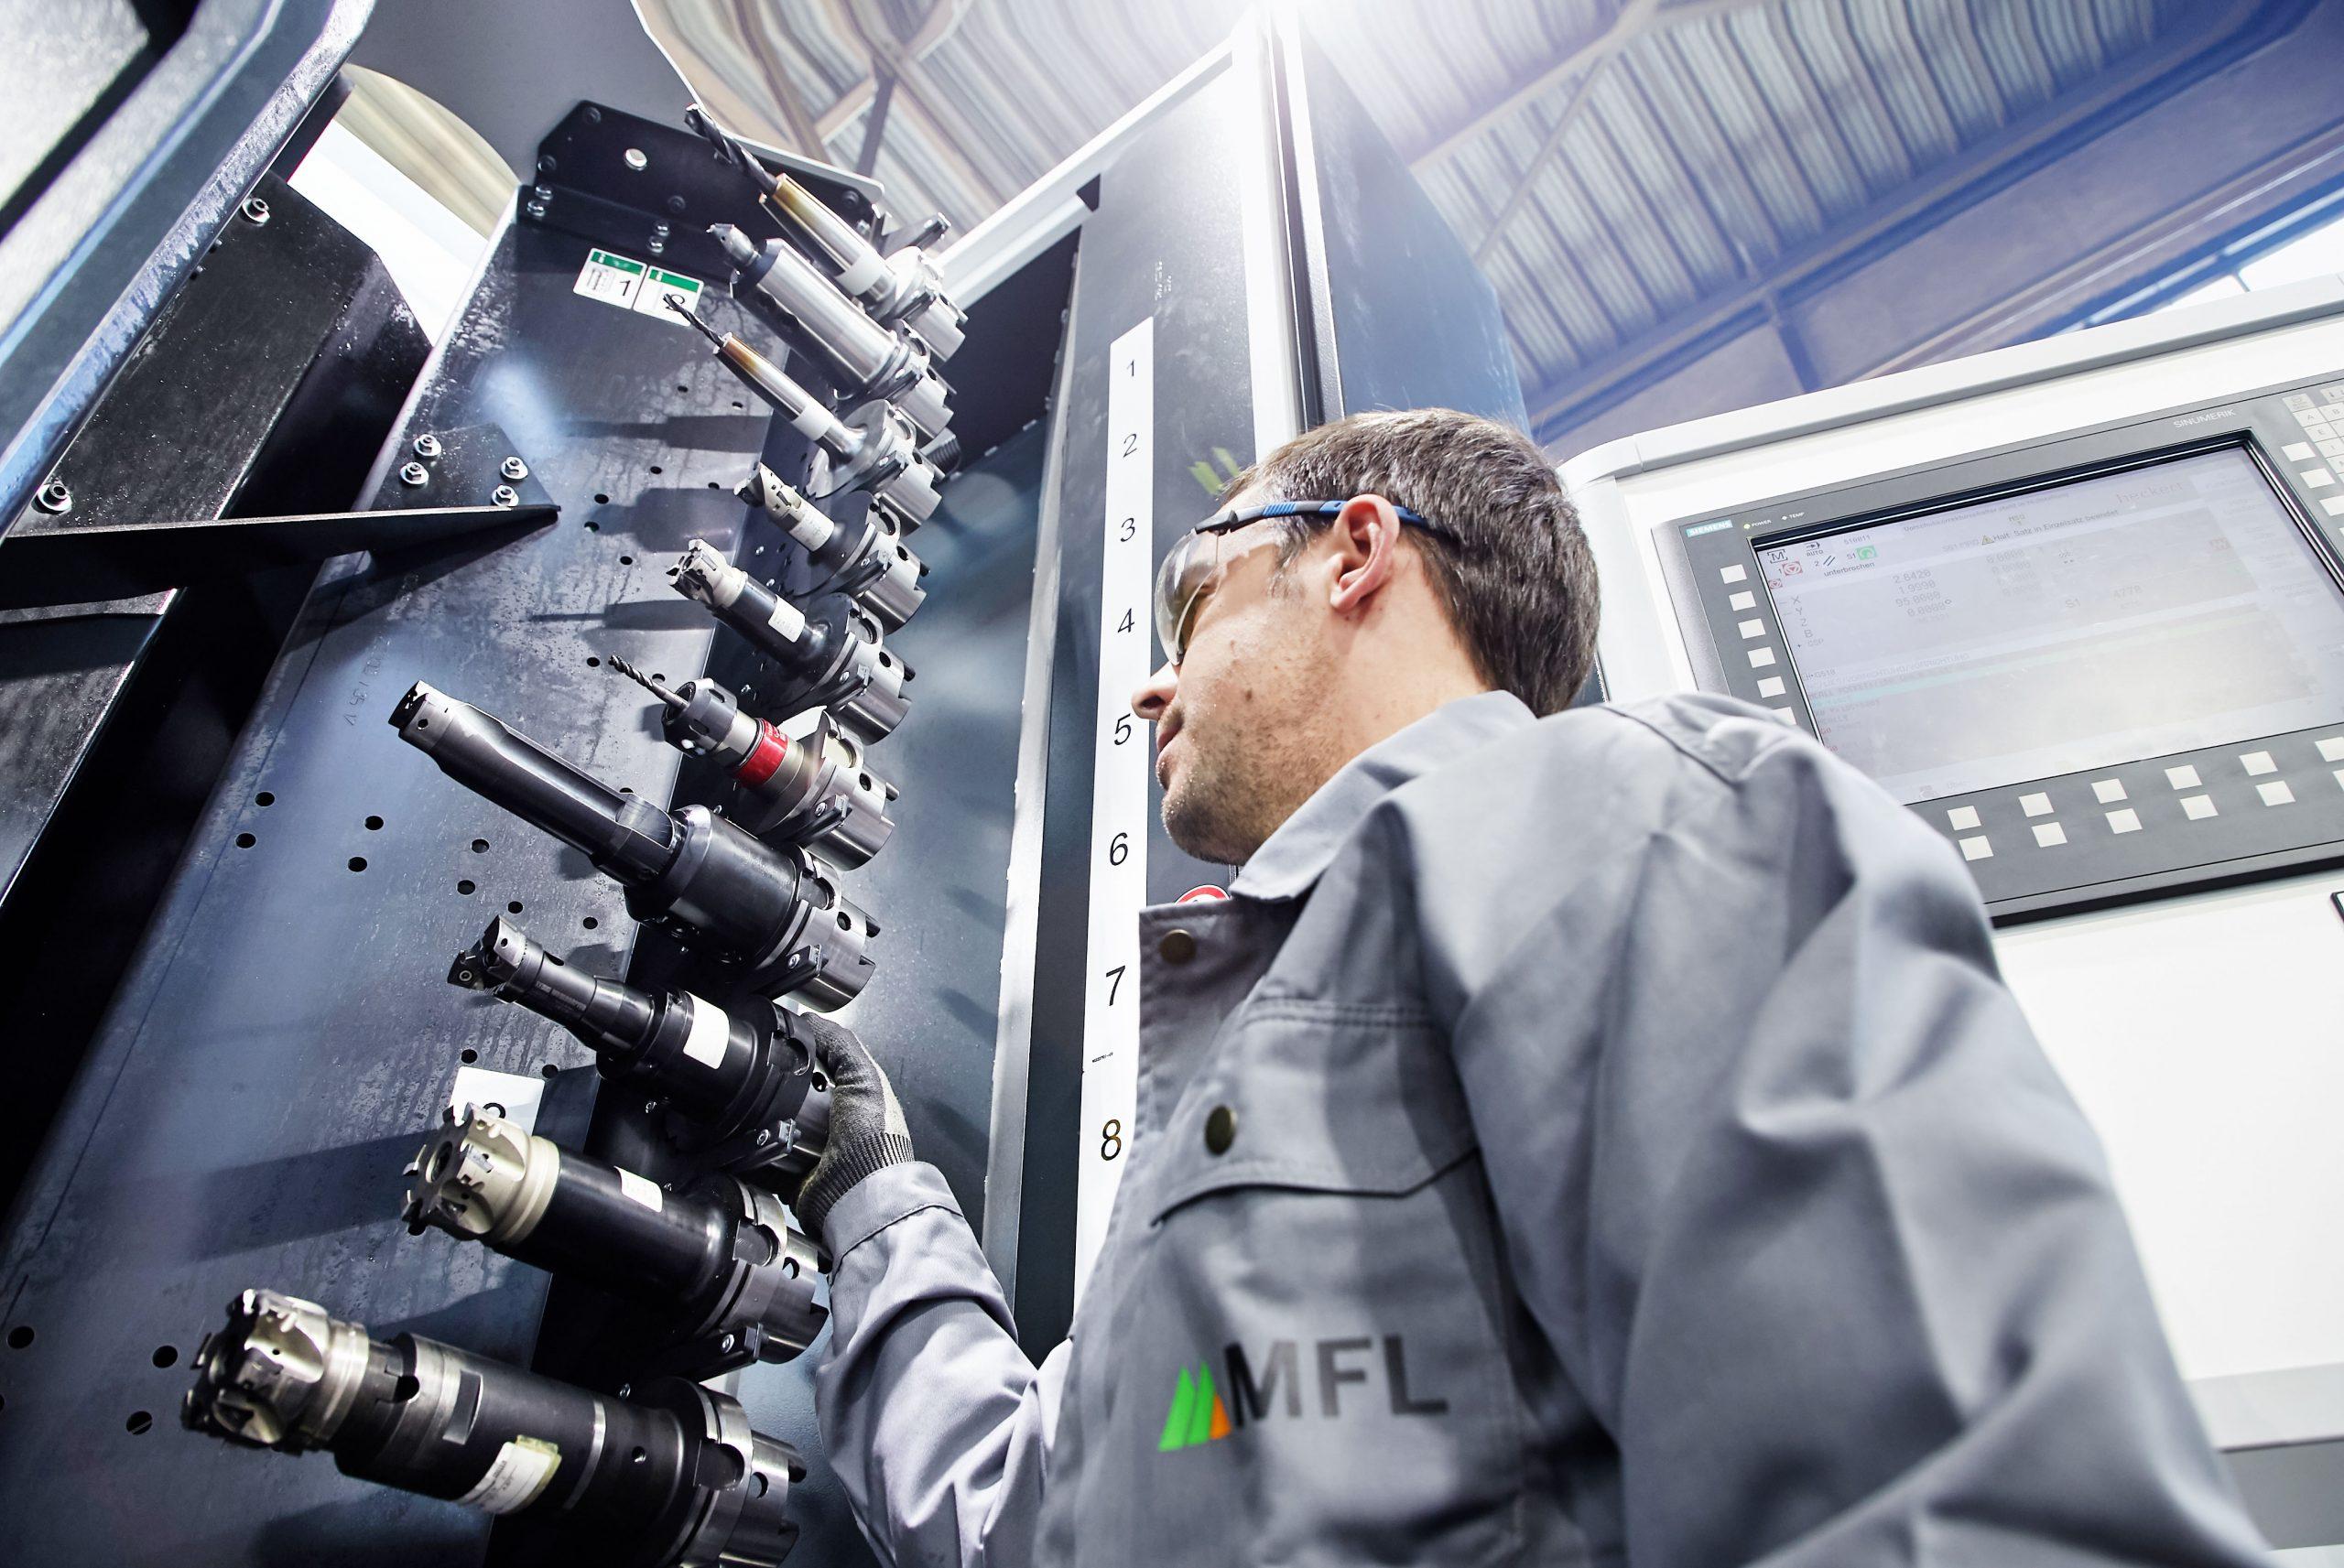 Weitere hochmoderne Präzisionswerkzeuge und CNC-Anlagen zählen zu den Investitionsvorhaben der MFL. (Foto: MFL)